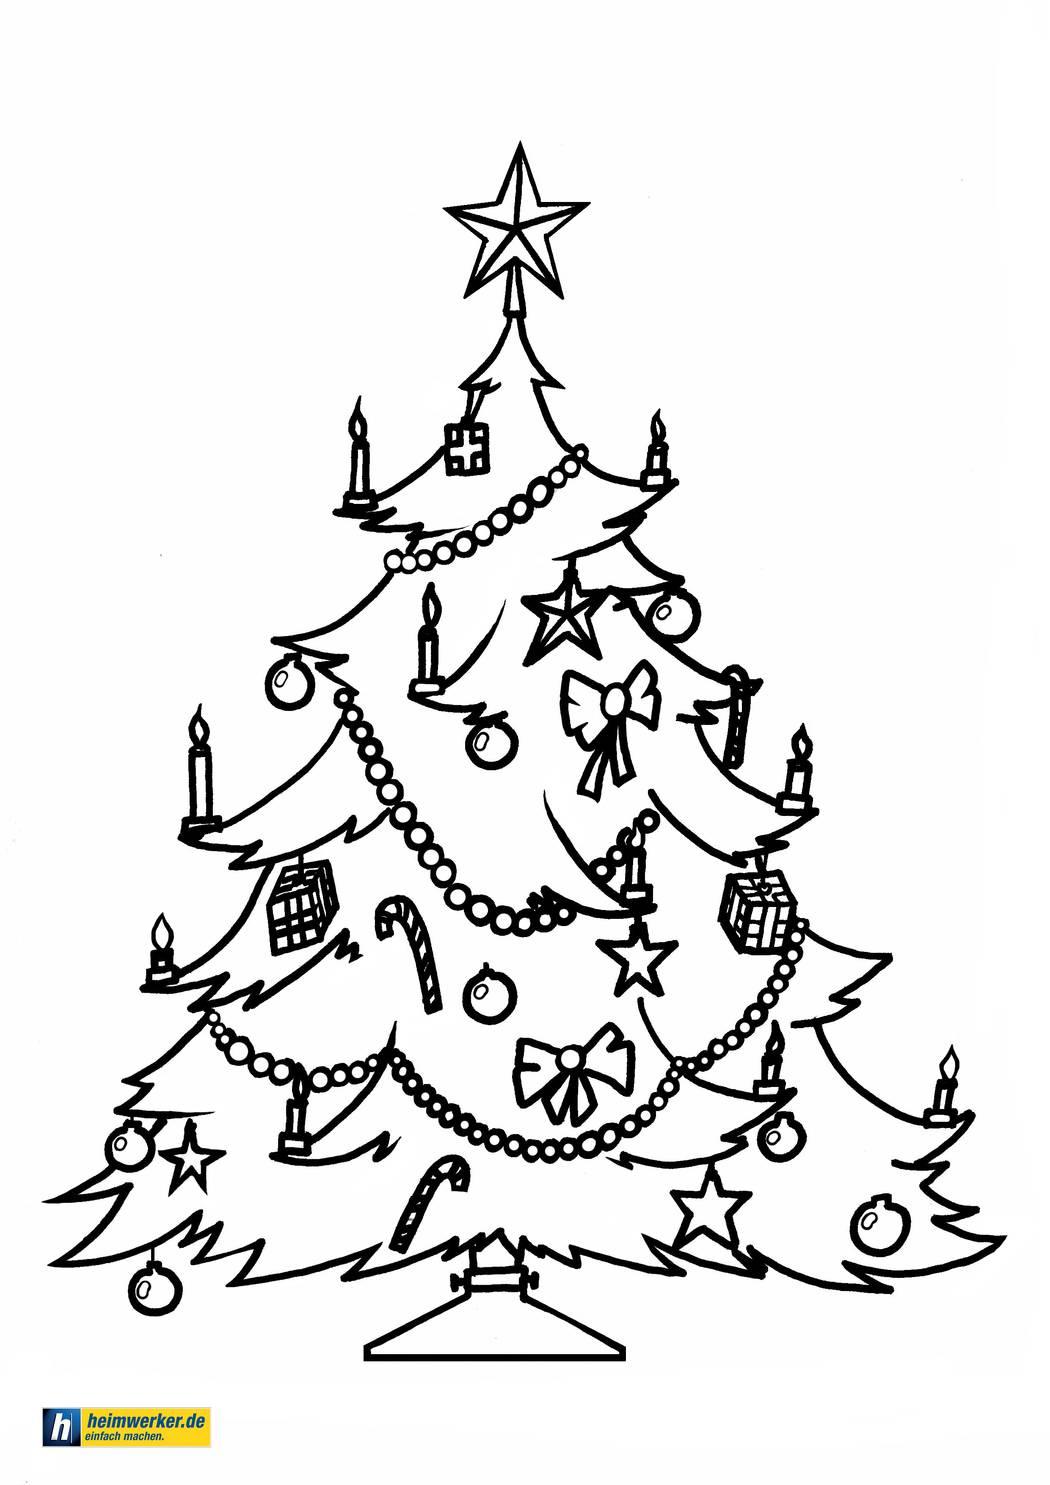 Malvorlagen Zu Weihnachten - Die Schönsten Ausmalbilder Zum bei Malvorlagen Tannenbaum